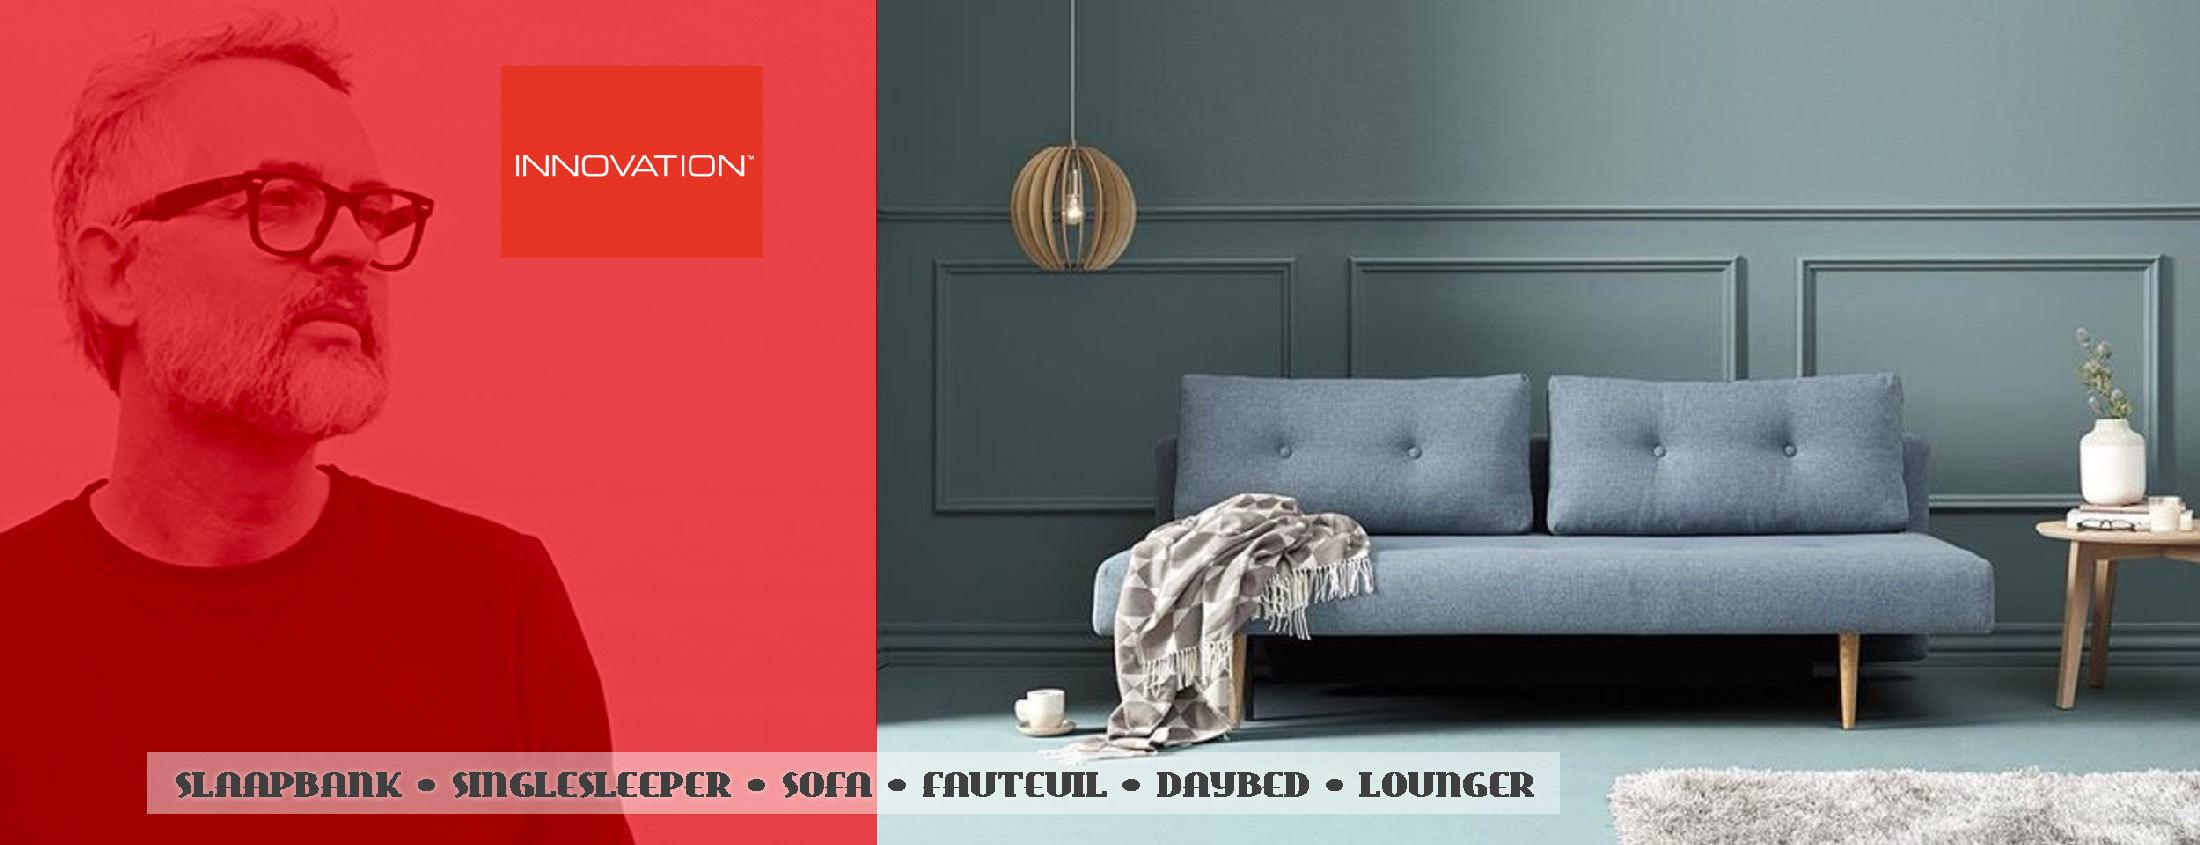 Design Meubels Banken.Innovation Living Slaapbanken Zitbanken Daybeds Design Banken